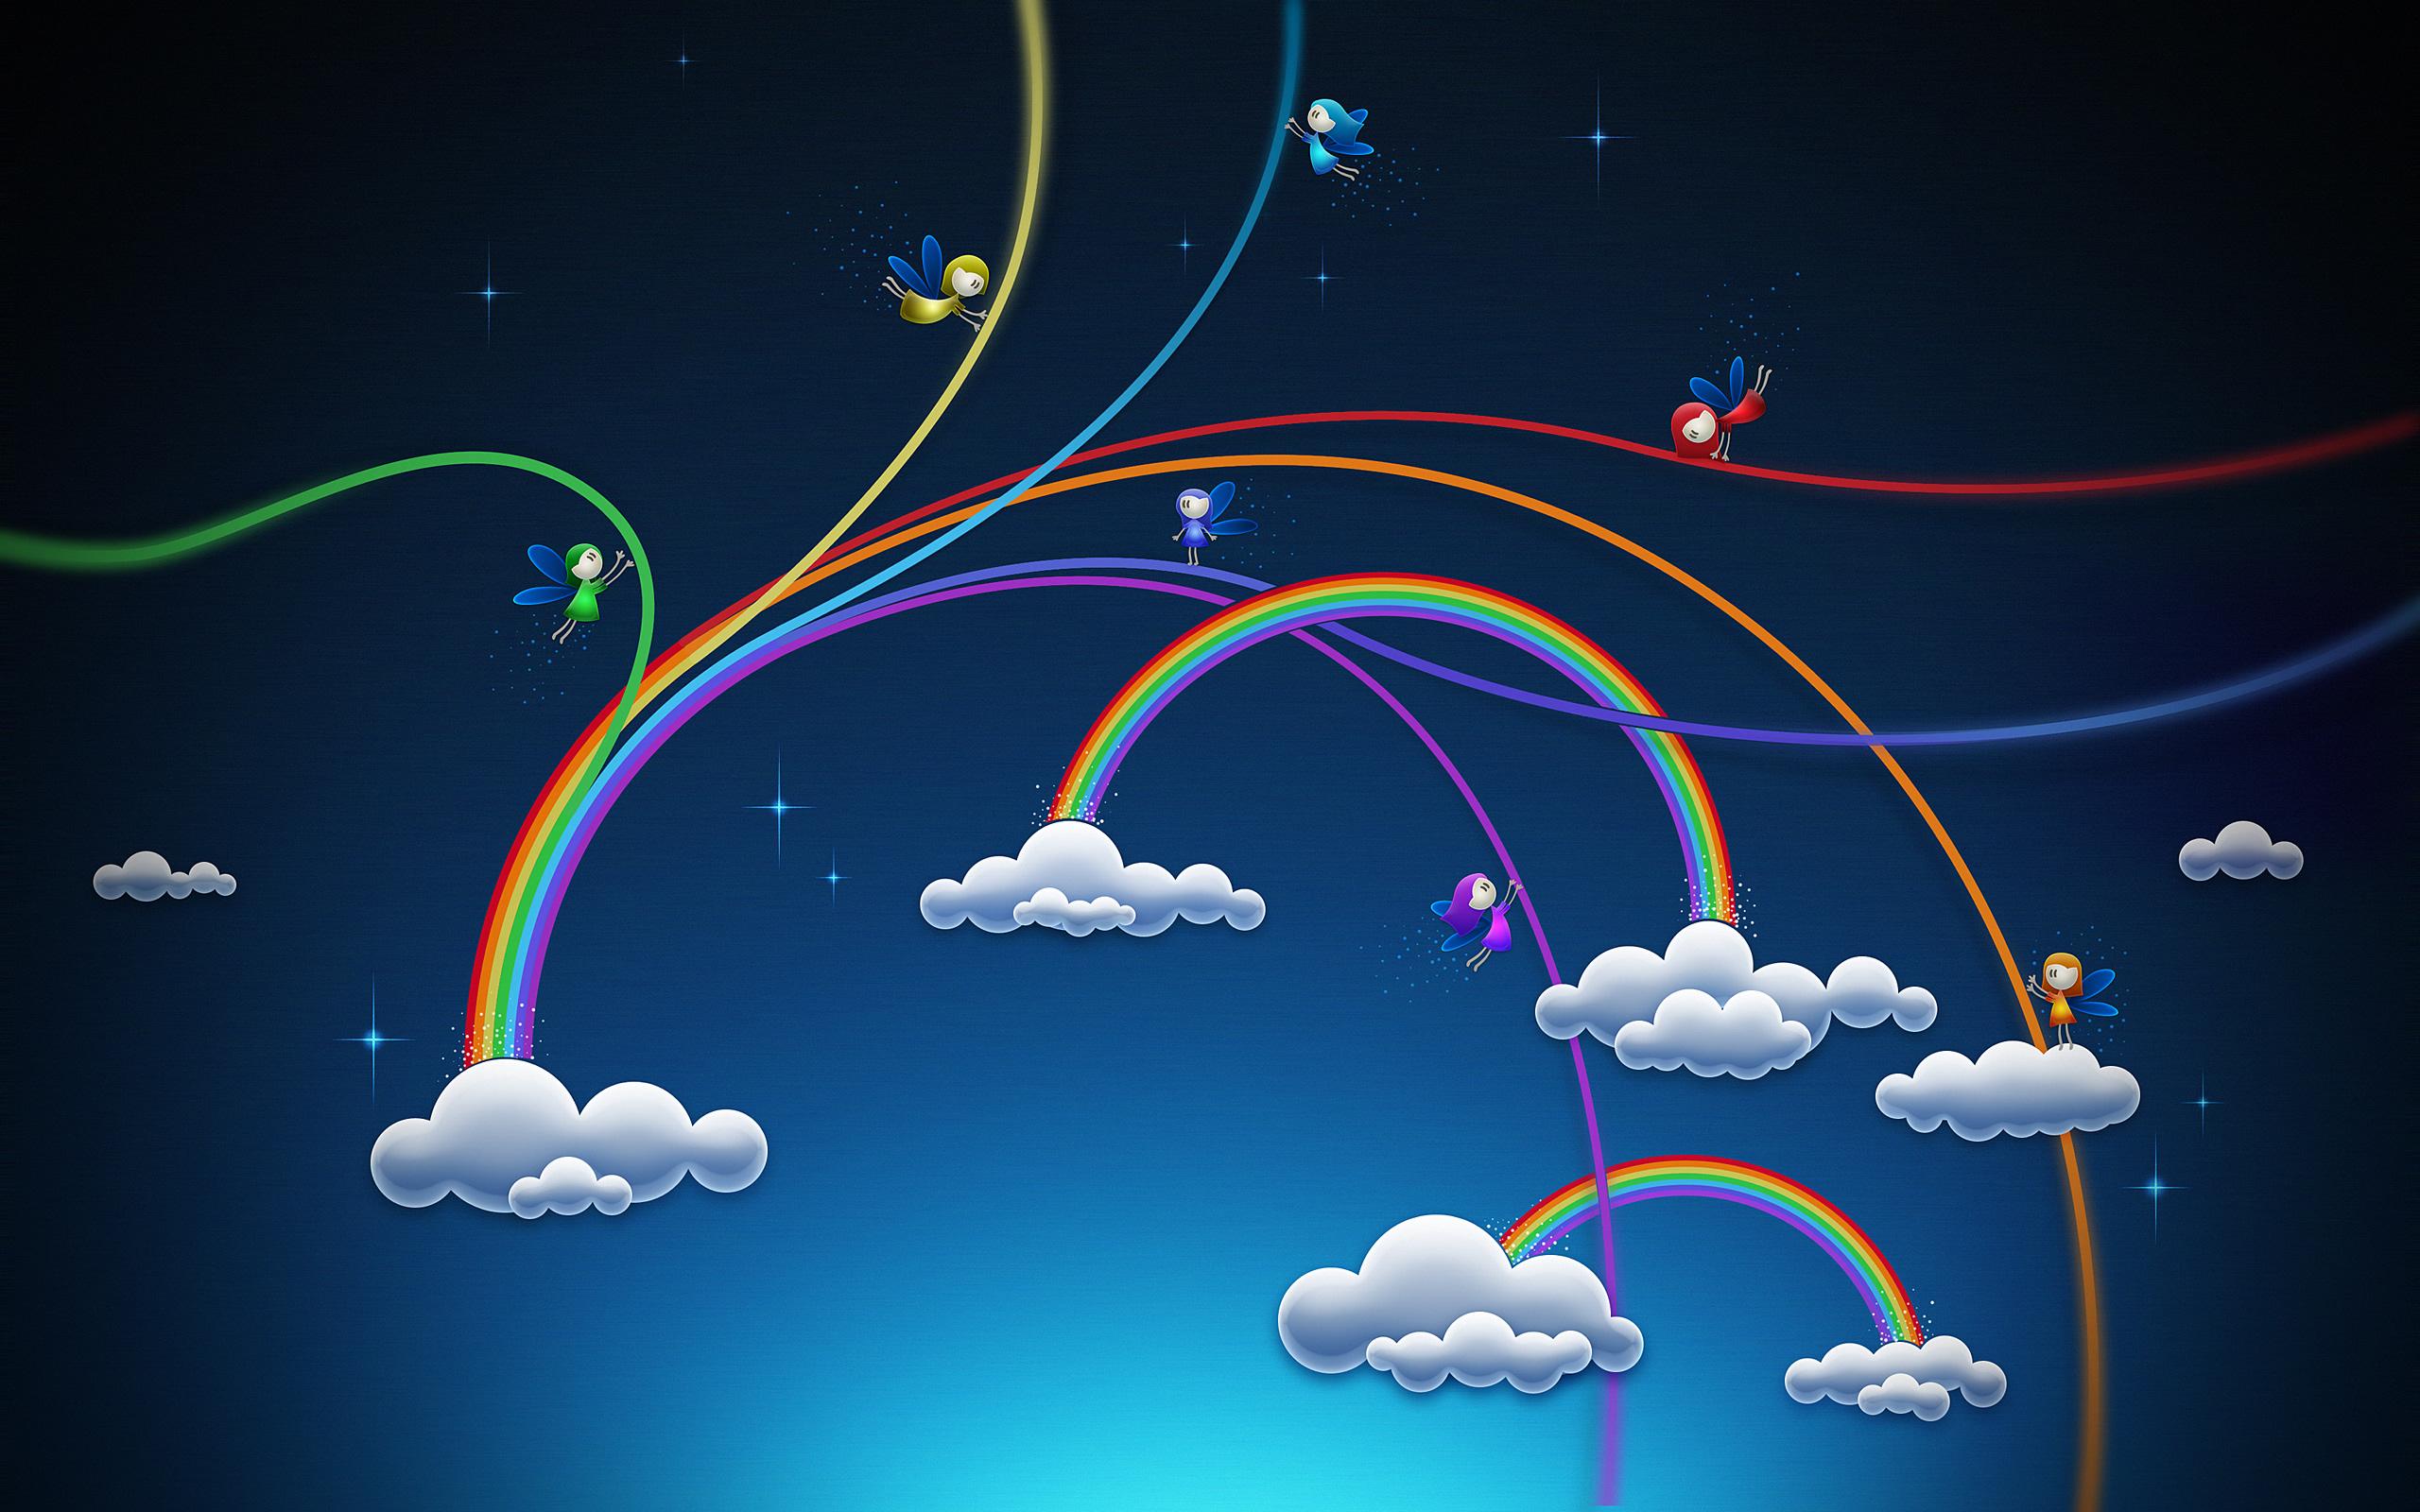 облака, небо, мосты в форме радуги, радуга, скачать фото, обои для рабочего стола